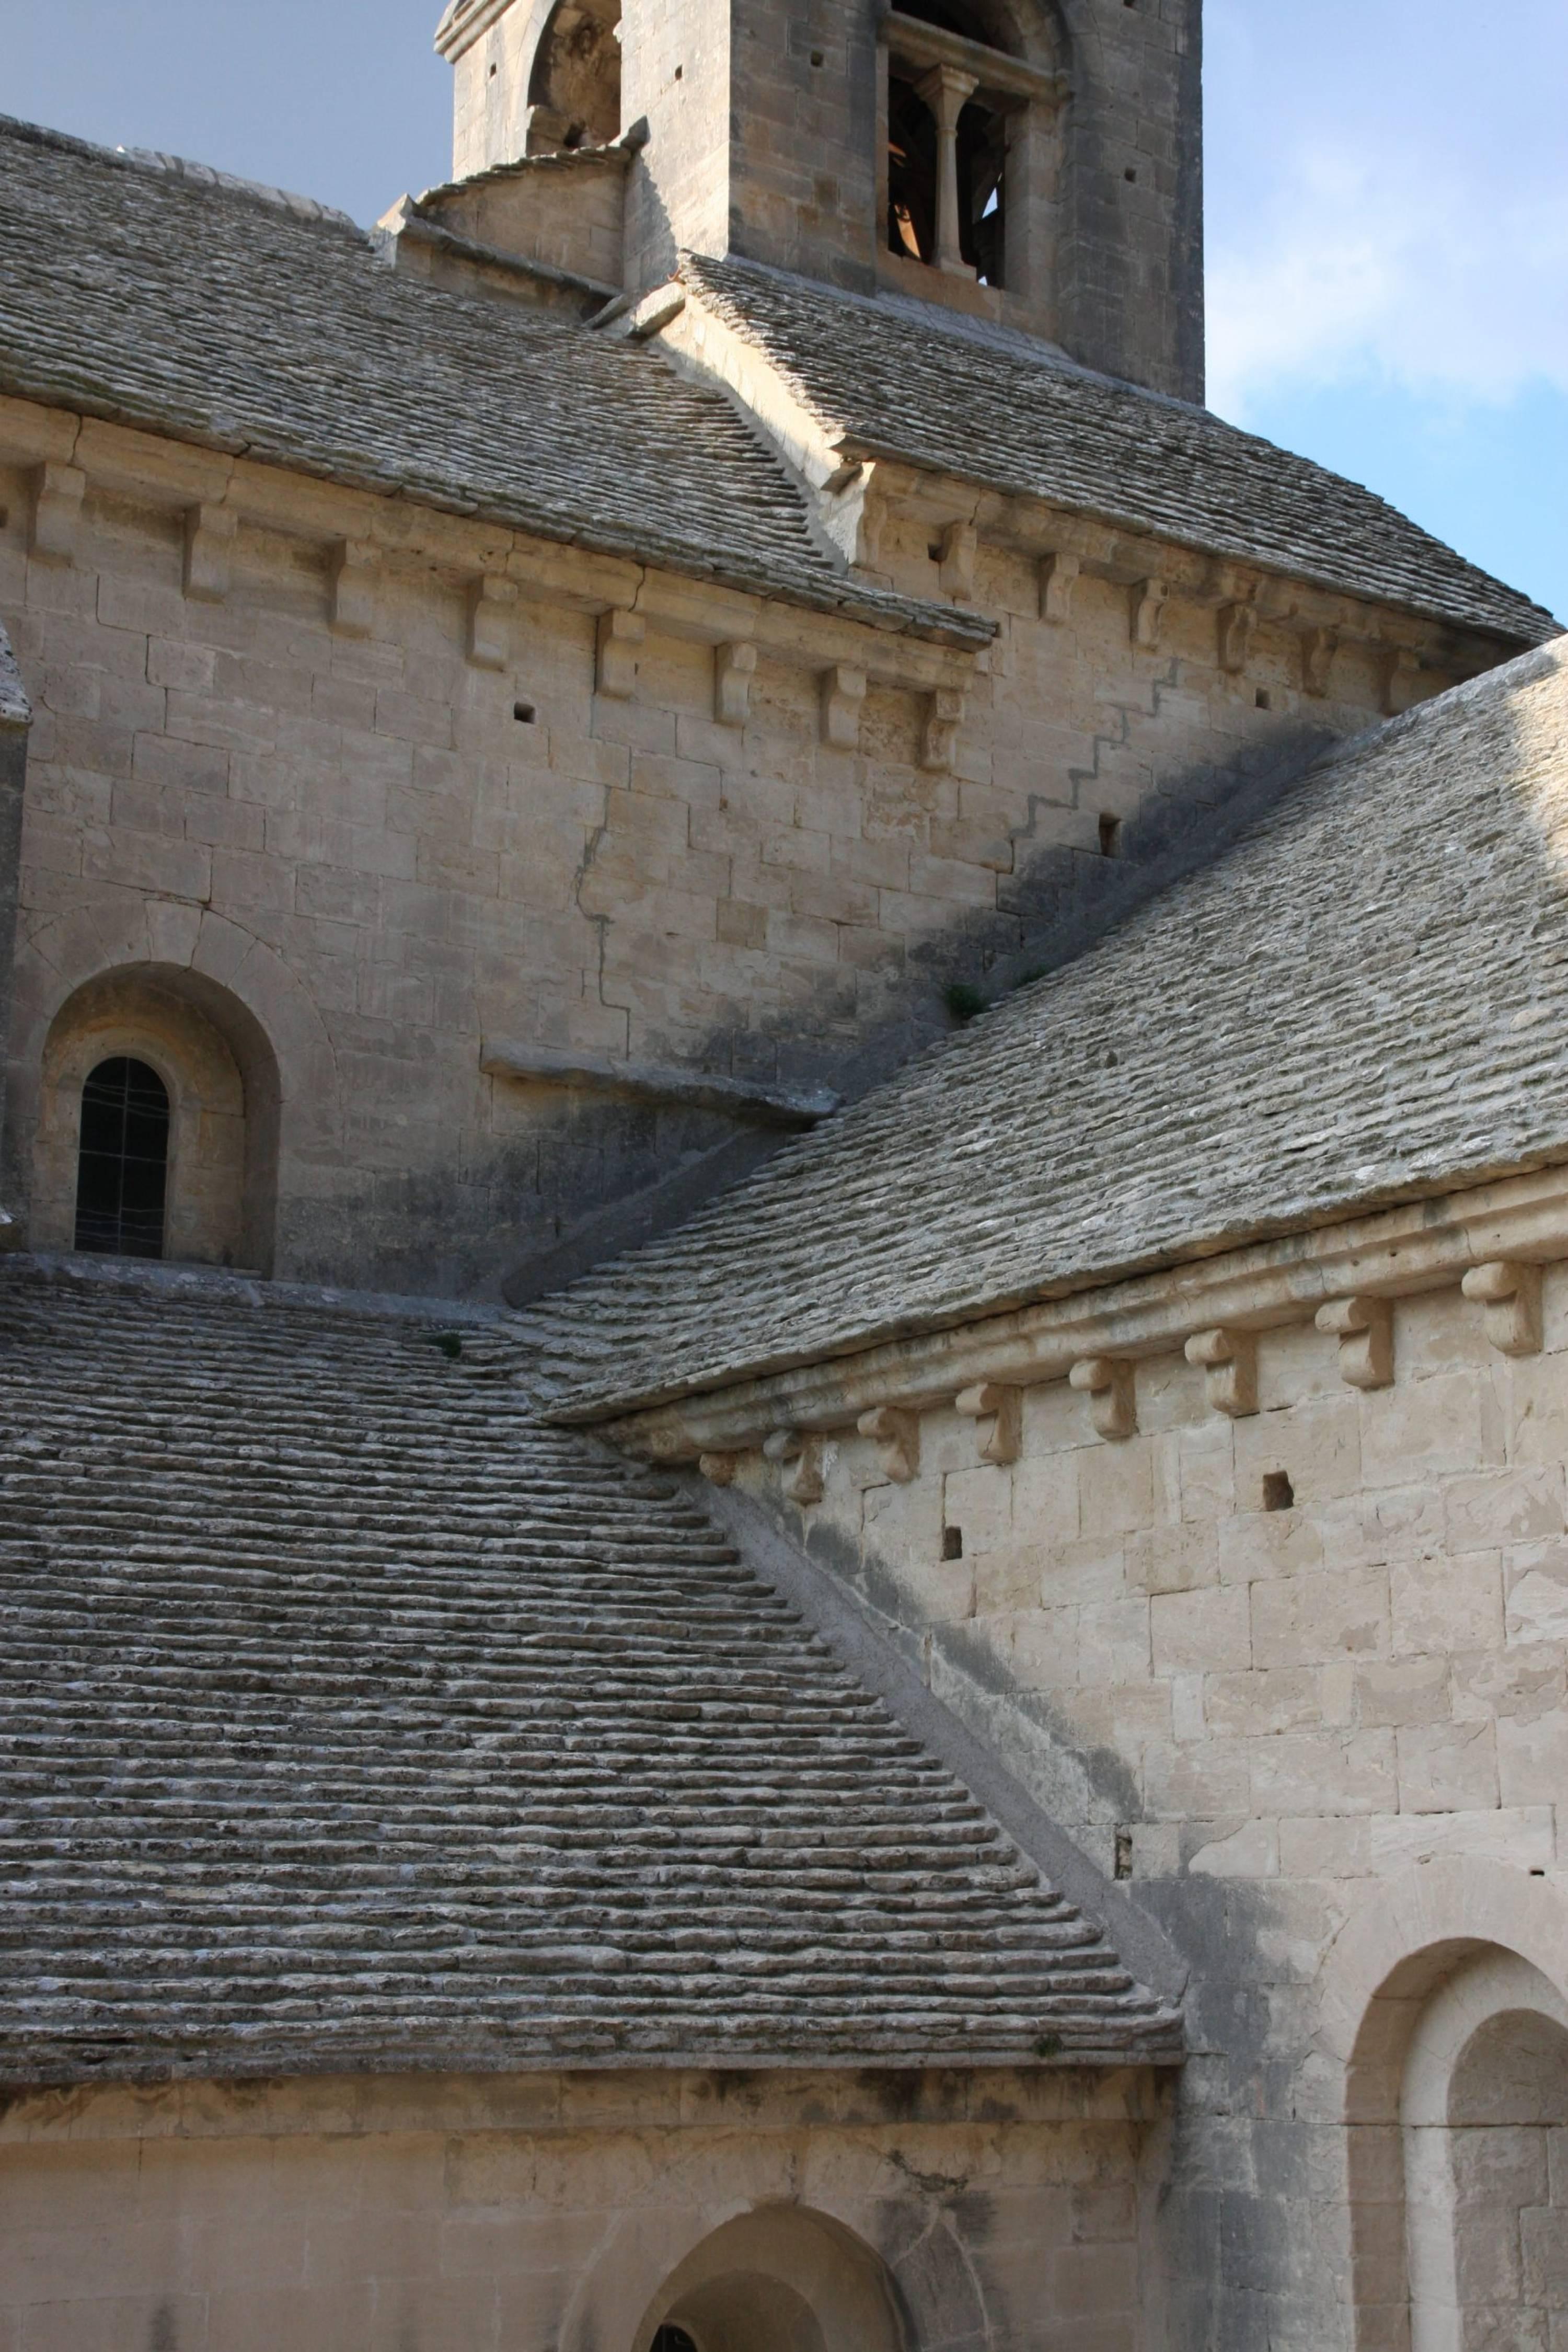 Jeux de toitures, abbaye Notre-Dame de Sénanque, Gordes, France